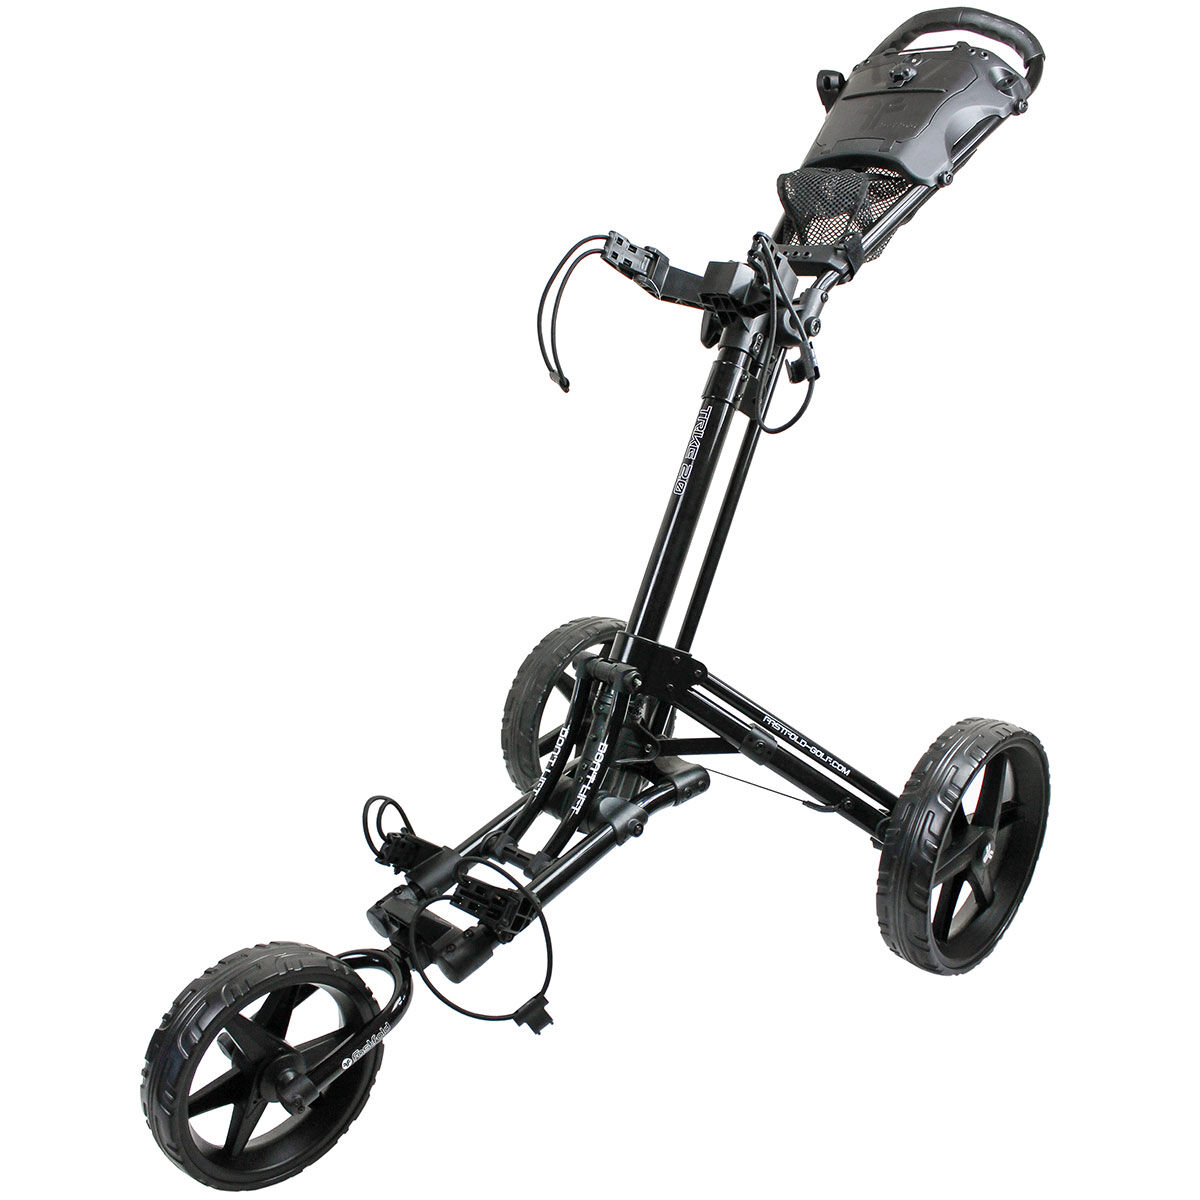 Fast Fold Black Lightweight Trike 2.0 Golf Trolley, Size: 78x42x40cm | American Golf | American Golf